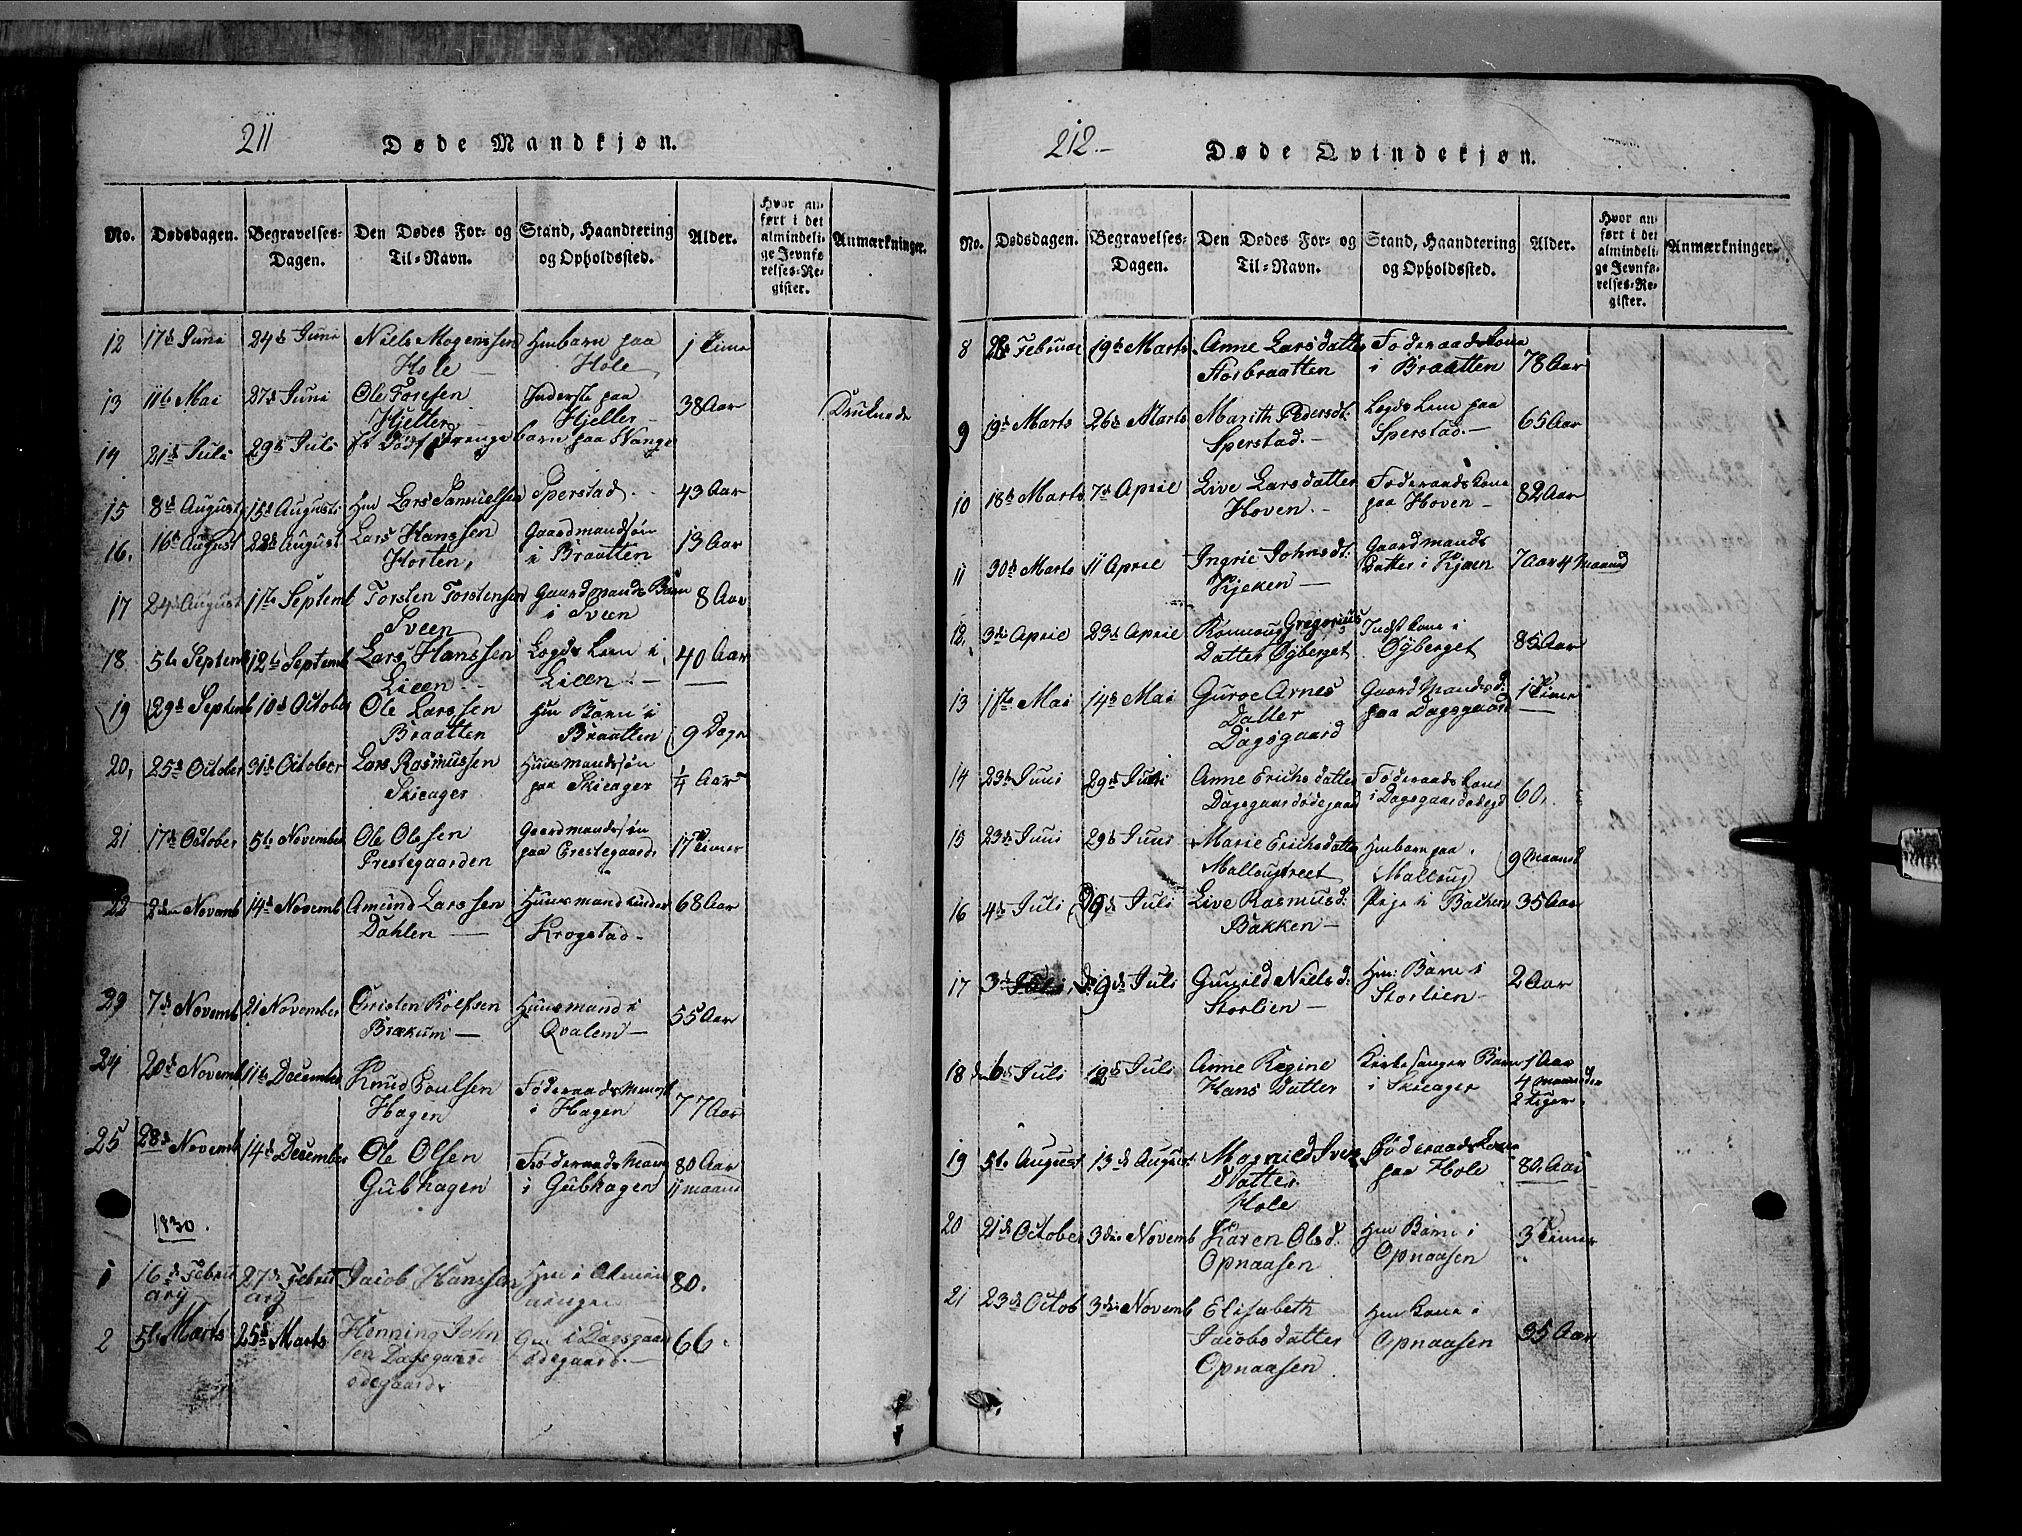 SAH, Lom prestekontor, L/L0003: Klokkerbok nr. 3, 1815-1844, s. 211-212